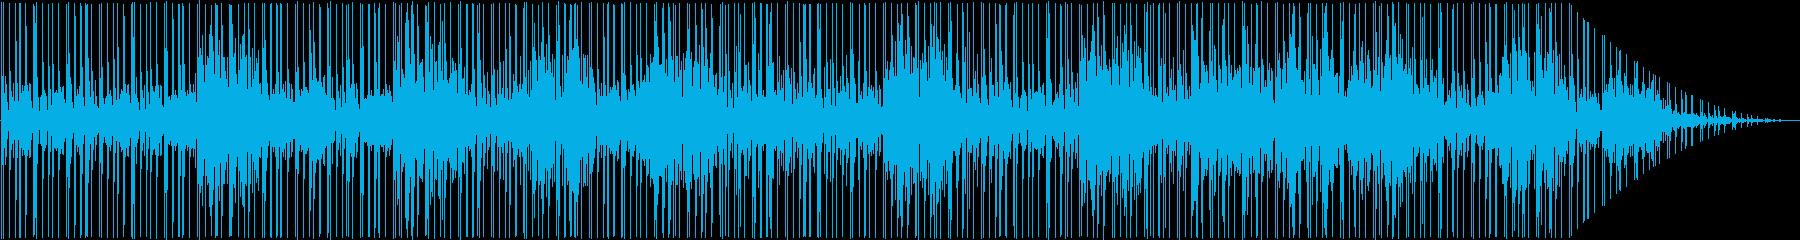 おもしろ/単純/ループ/おふざけの再生済みの波形